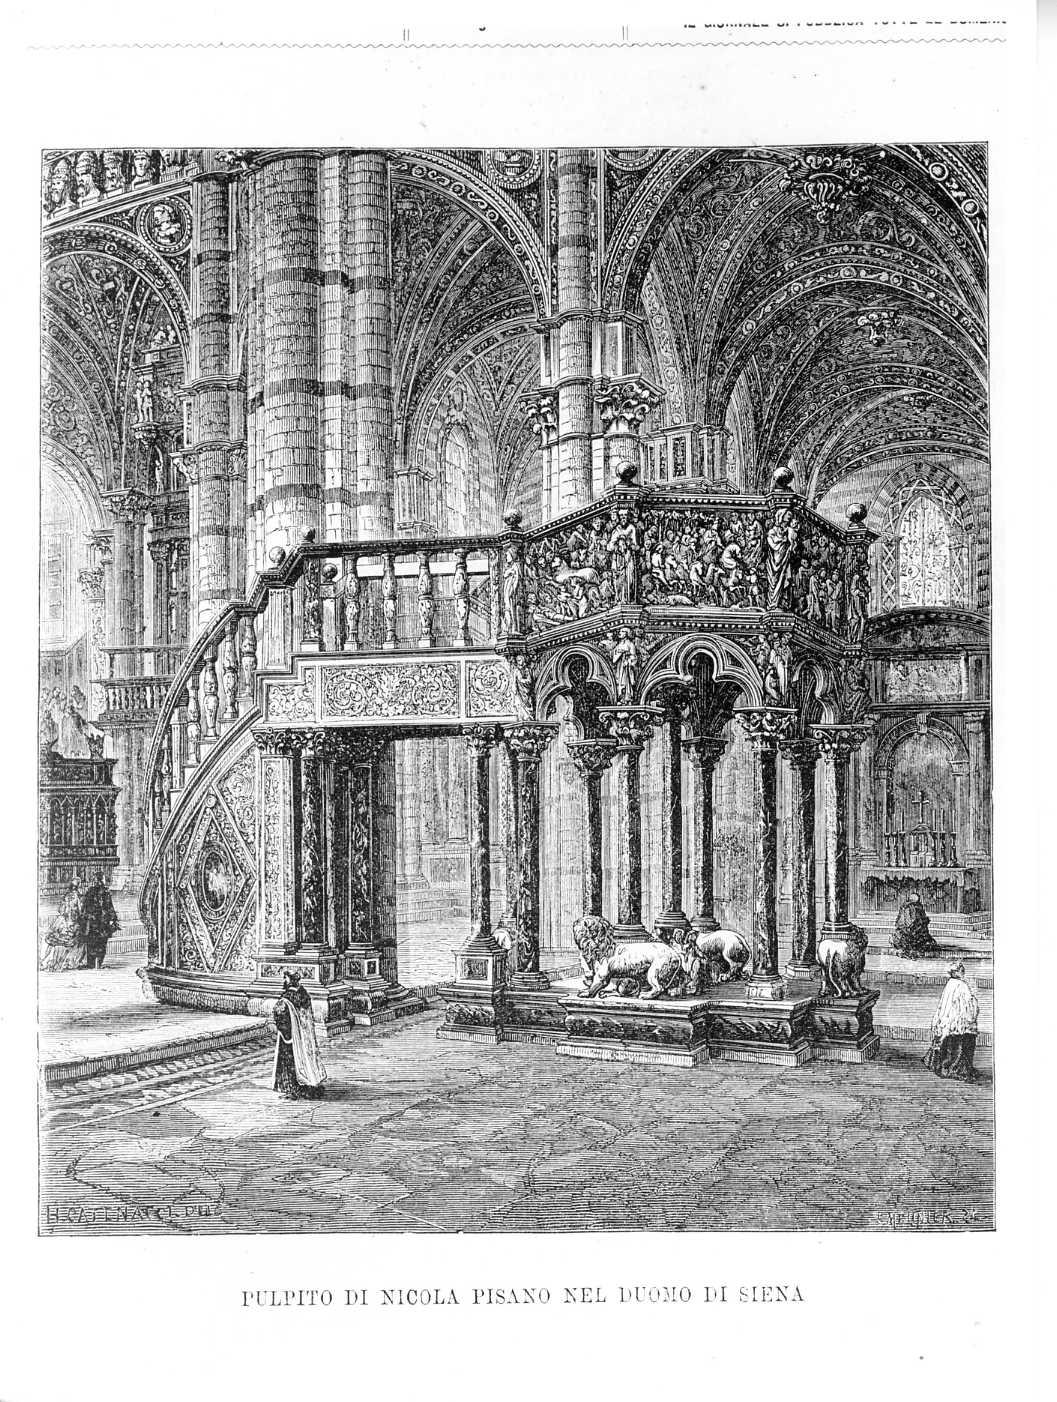 Pulpito di Nicola Pisano nel duomo di Siena (stampa) di Meunick K (attribuito), Catenacci H (attribuito) (sec. XIX)